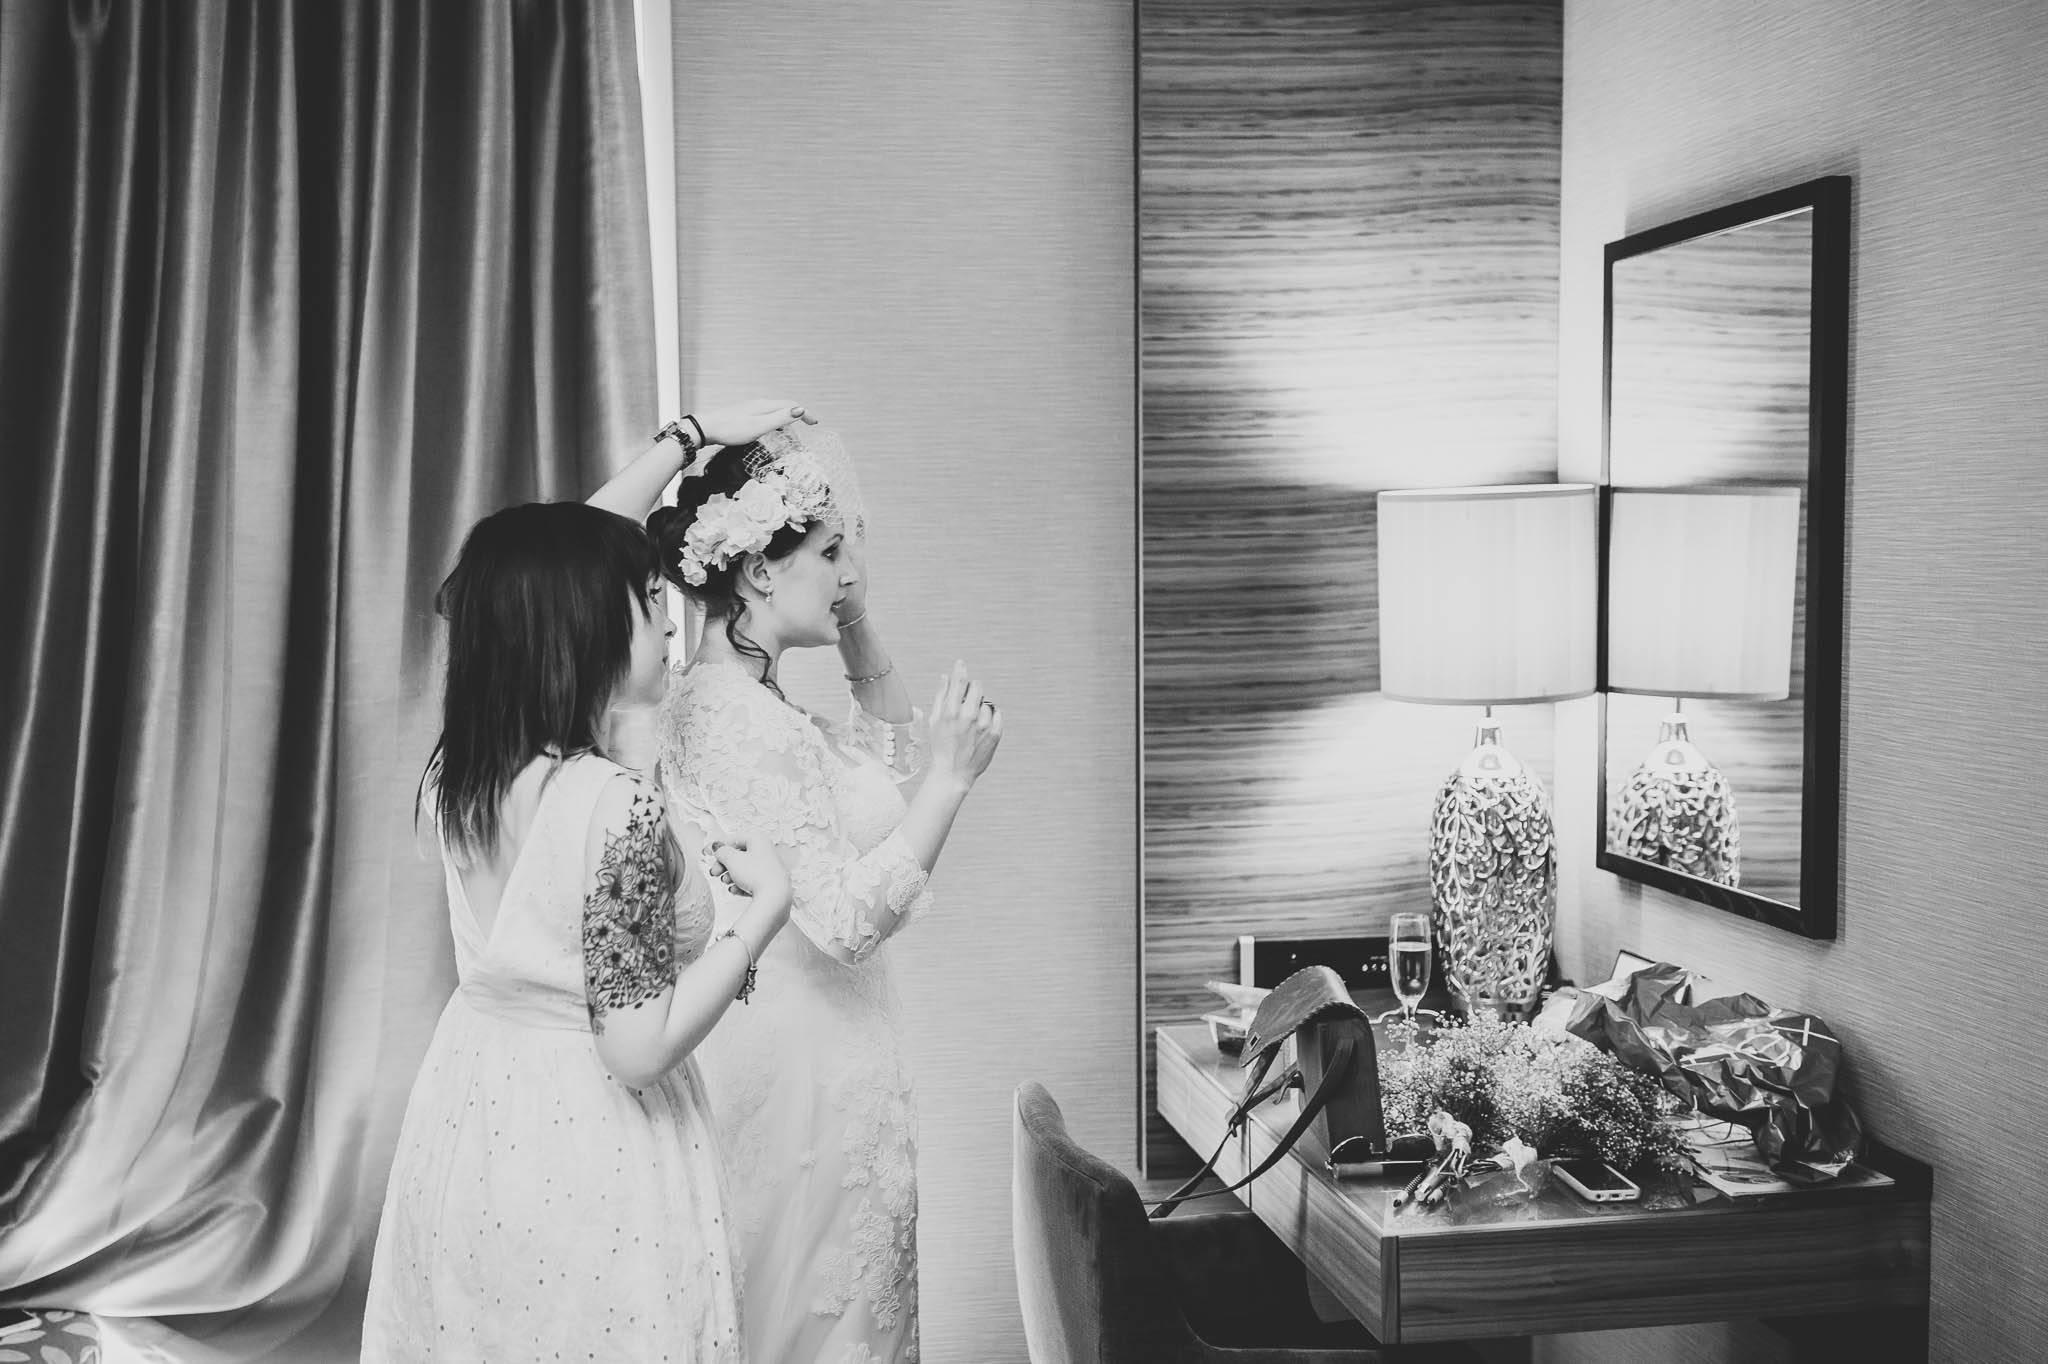 birmingham-wedding-photographer 3.jpg